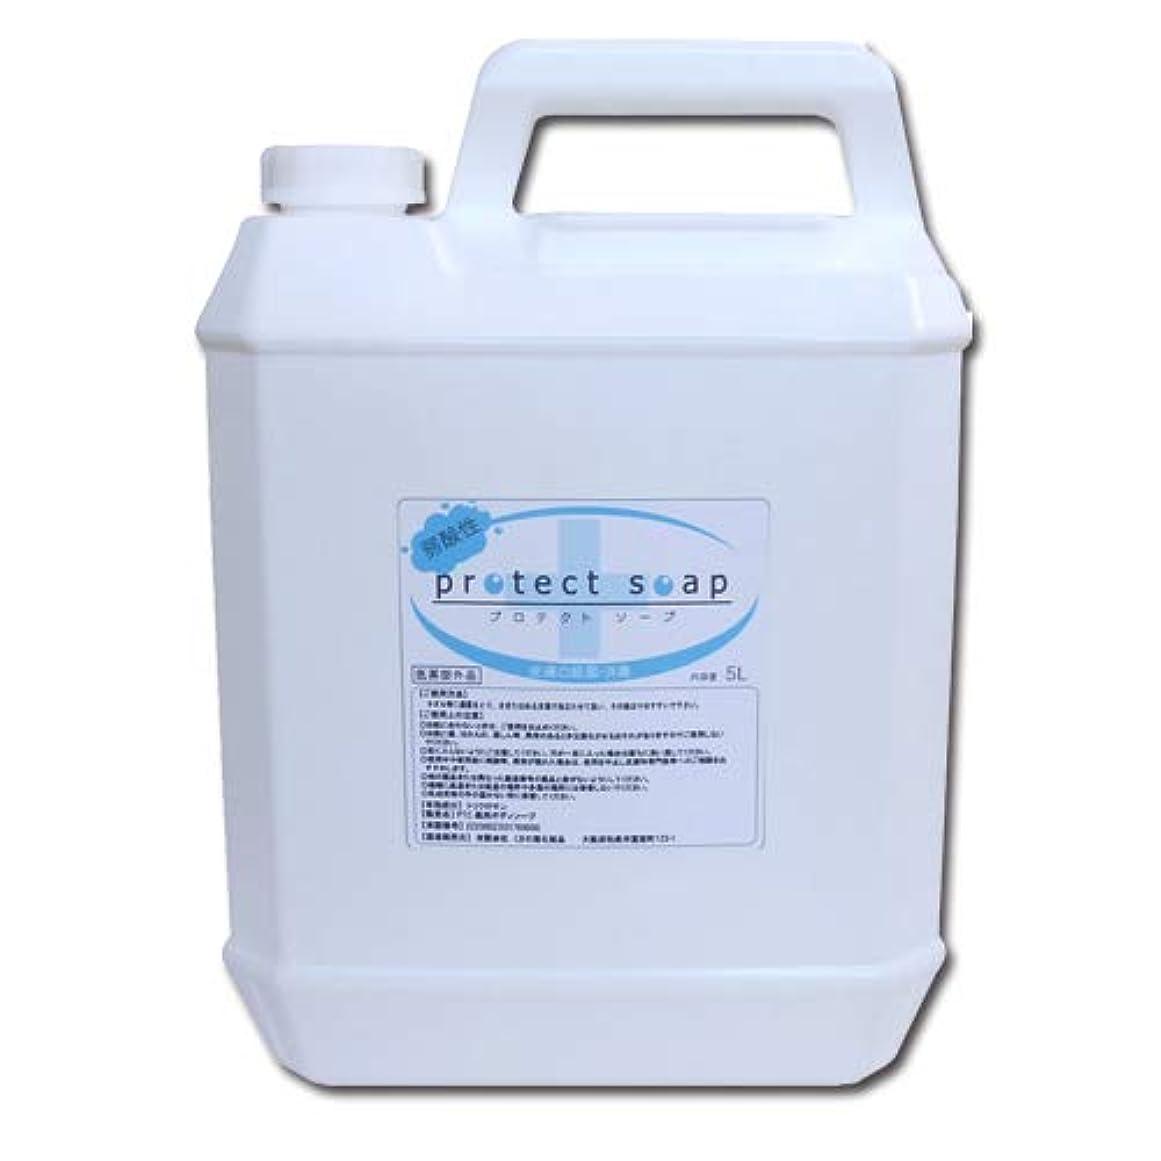 やめる対処人質低刺激弱酸性 液体石鹸 プロテクトソープ 5L 業務用│せっけん液 液体せっけん 殺菌?消毒 インフルエンザ?ノロウィルス対策